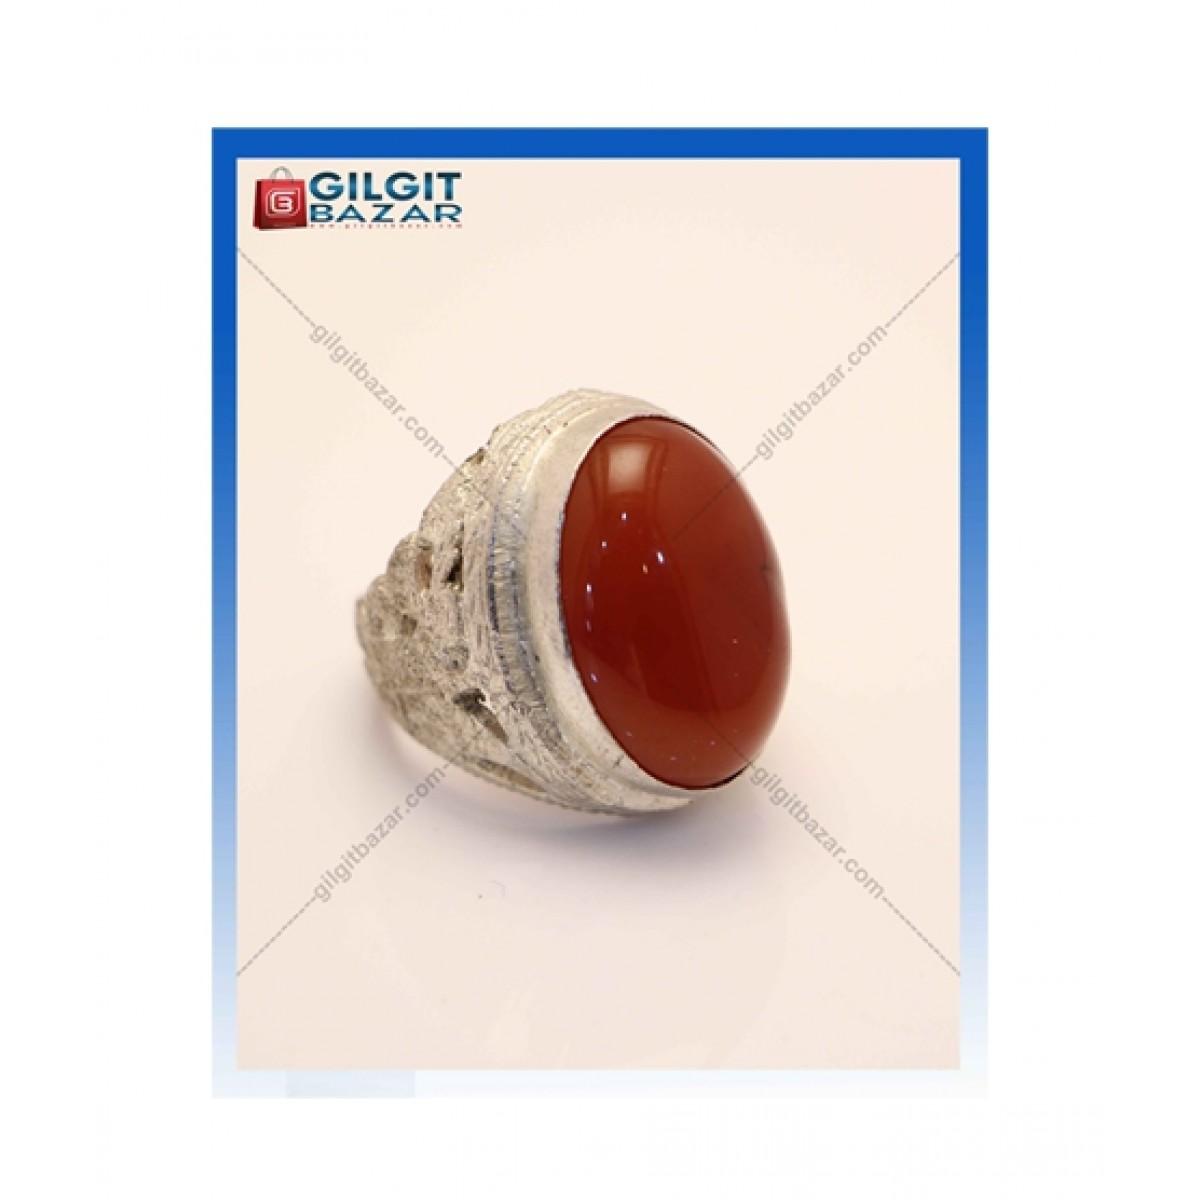 Gilgit Bazar Aqeeq Stone Ring For Men (GB1215)